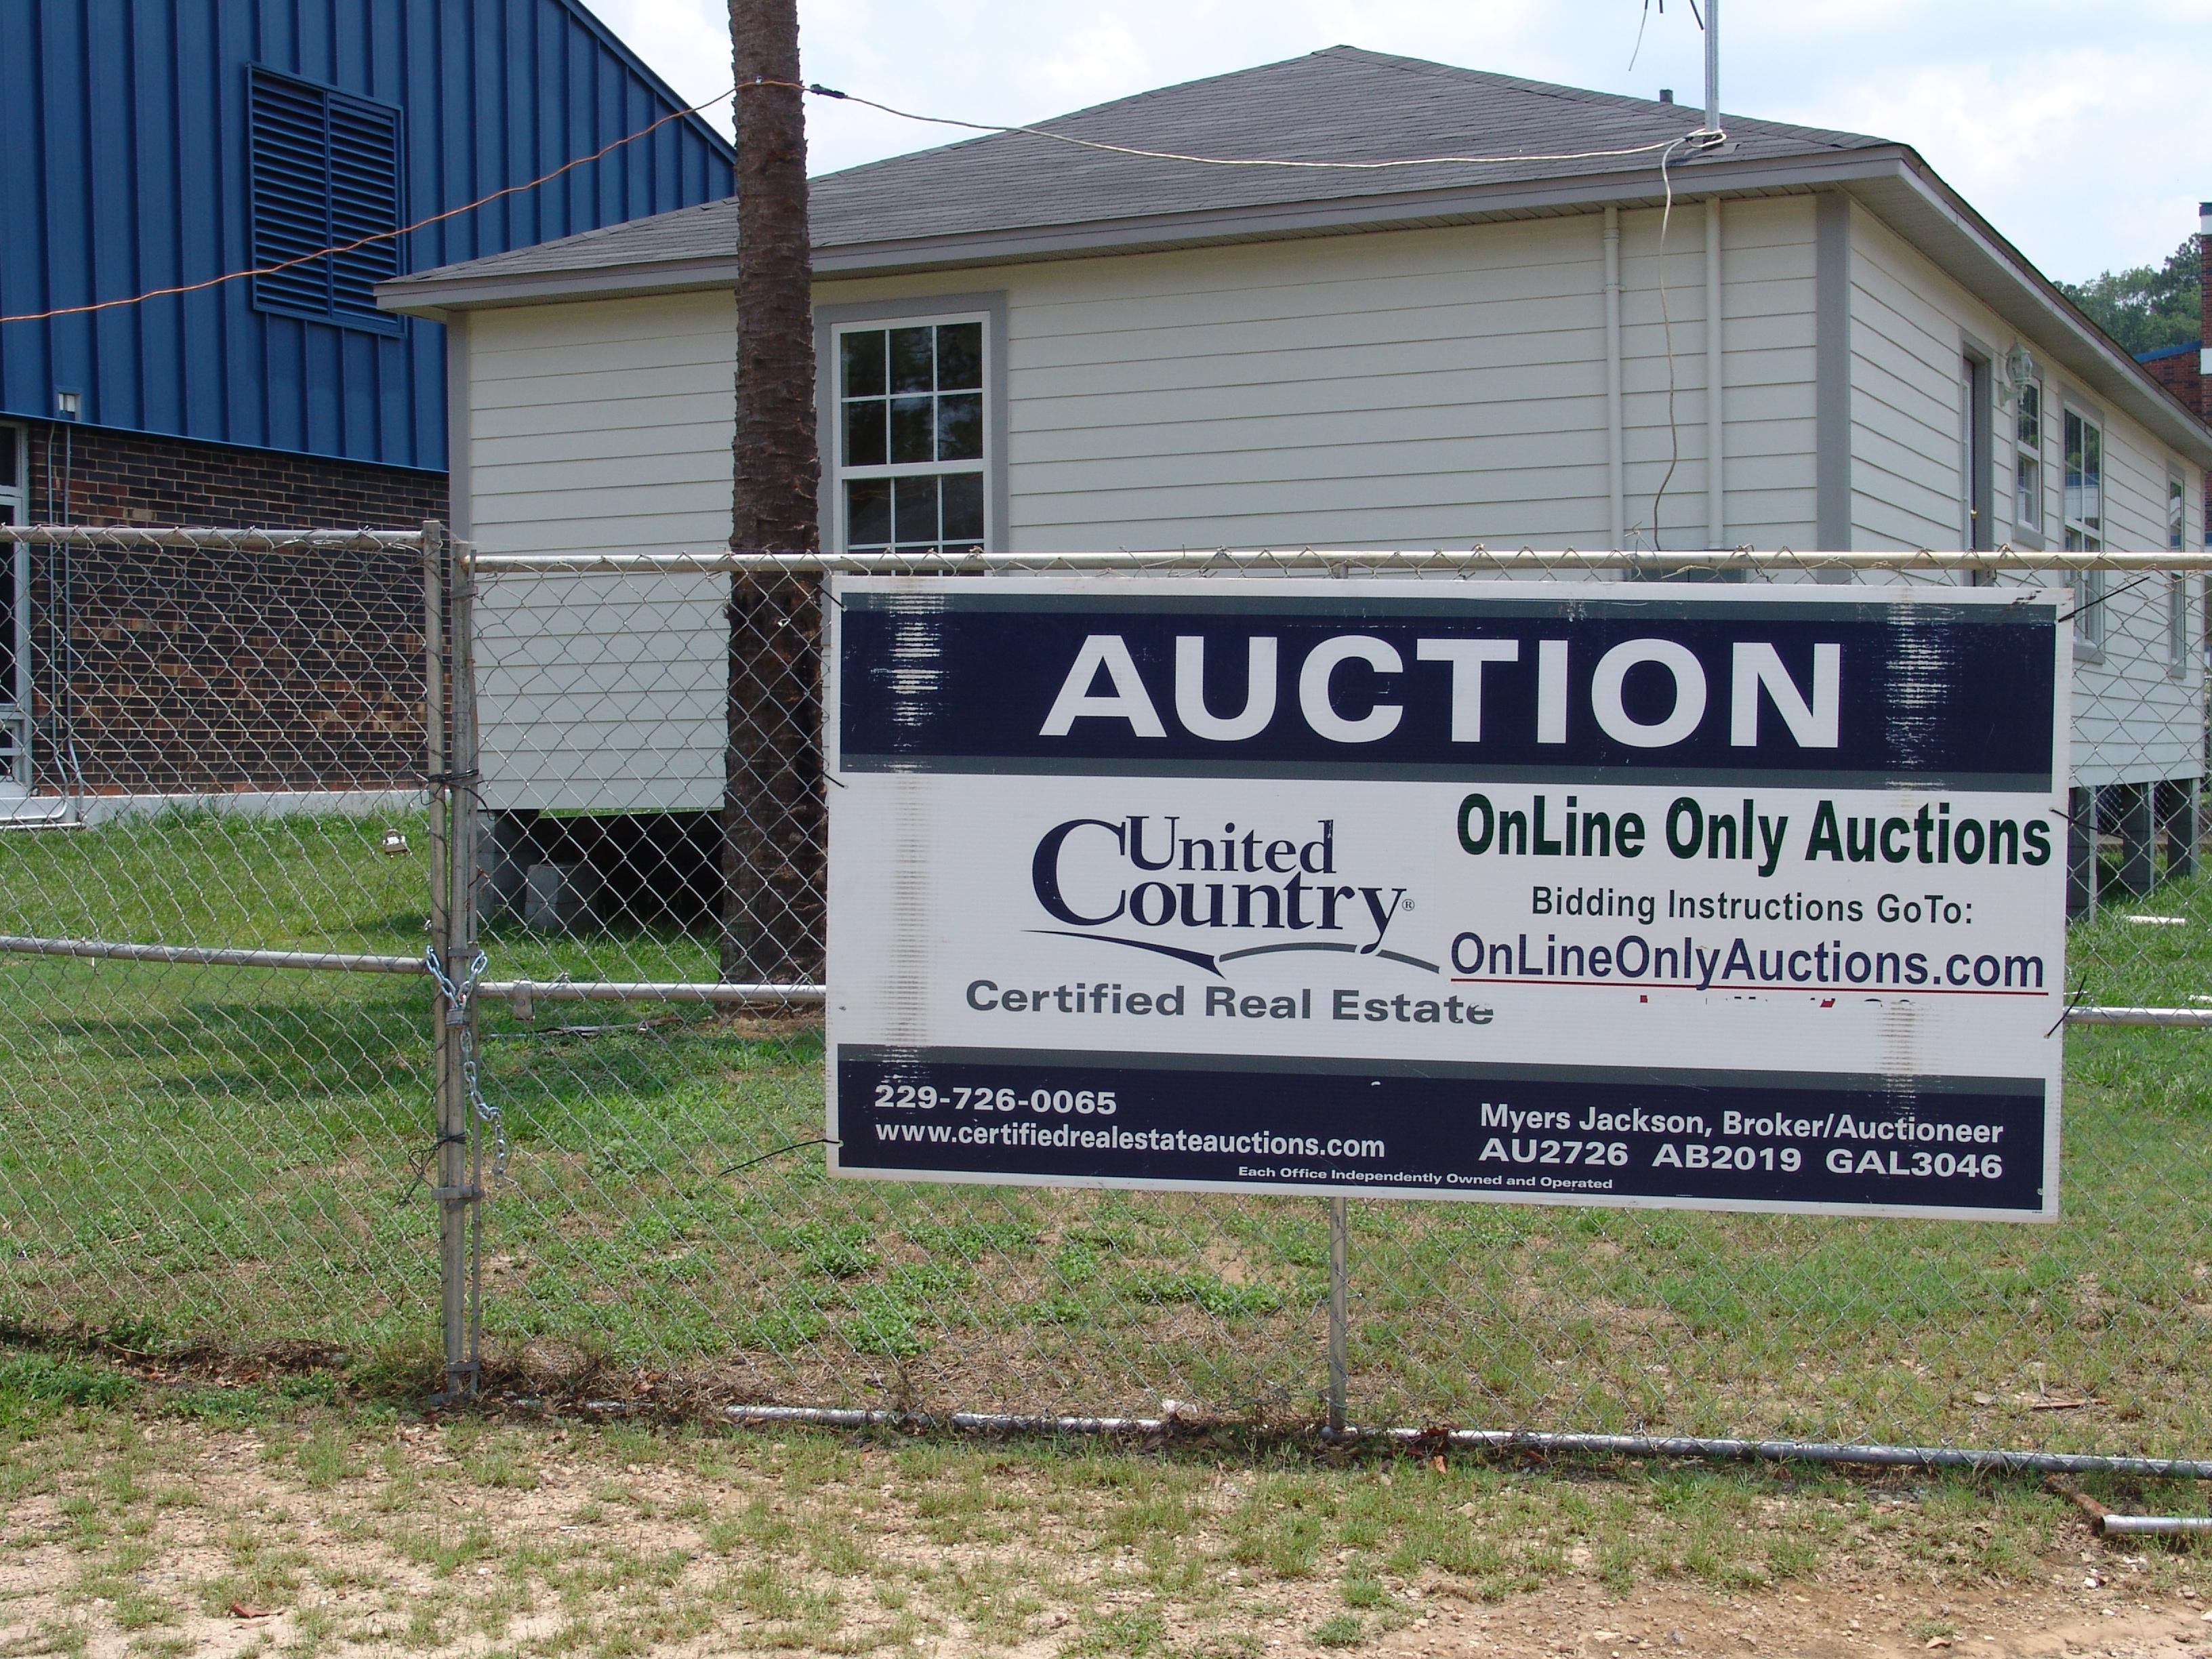 Subastas de ordenador Auctioneers Florida Real Estate Terreno casa de subastas restaurante Home Office ()